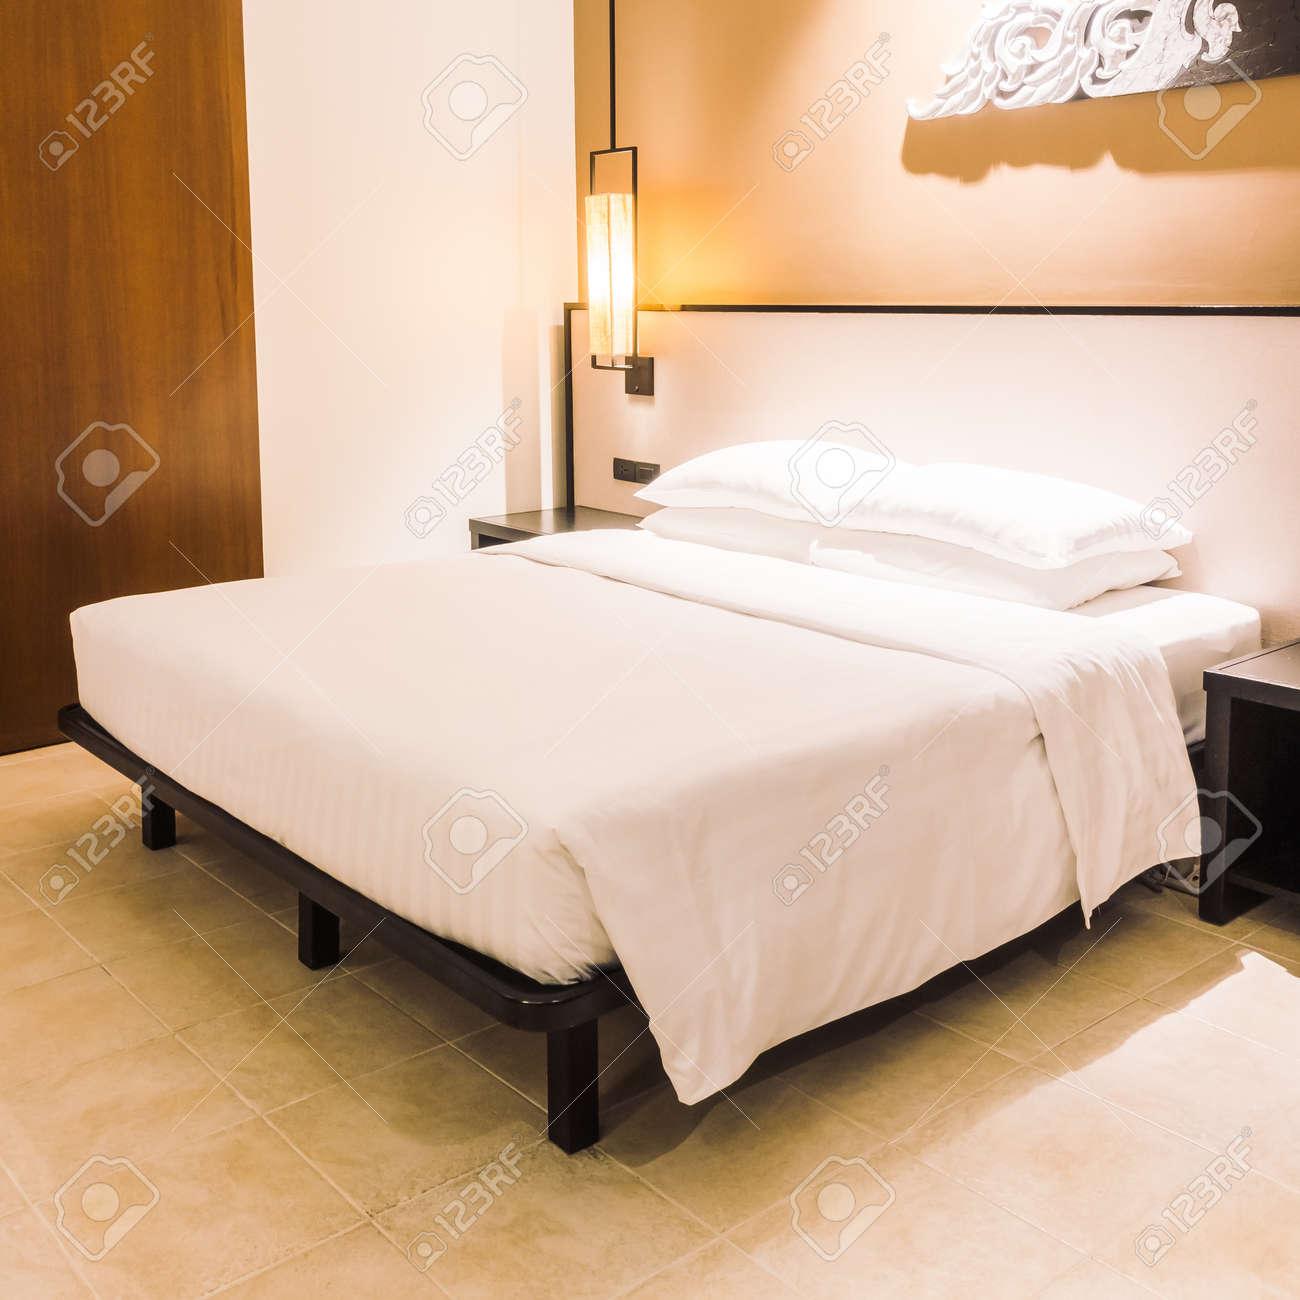 Schönes Luxus Weißes Kissen Auf Bett Und Lichtlampe Auf ...